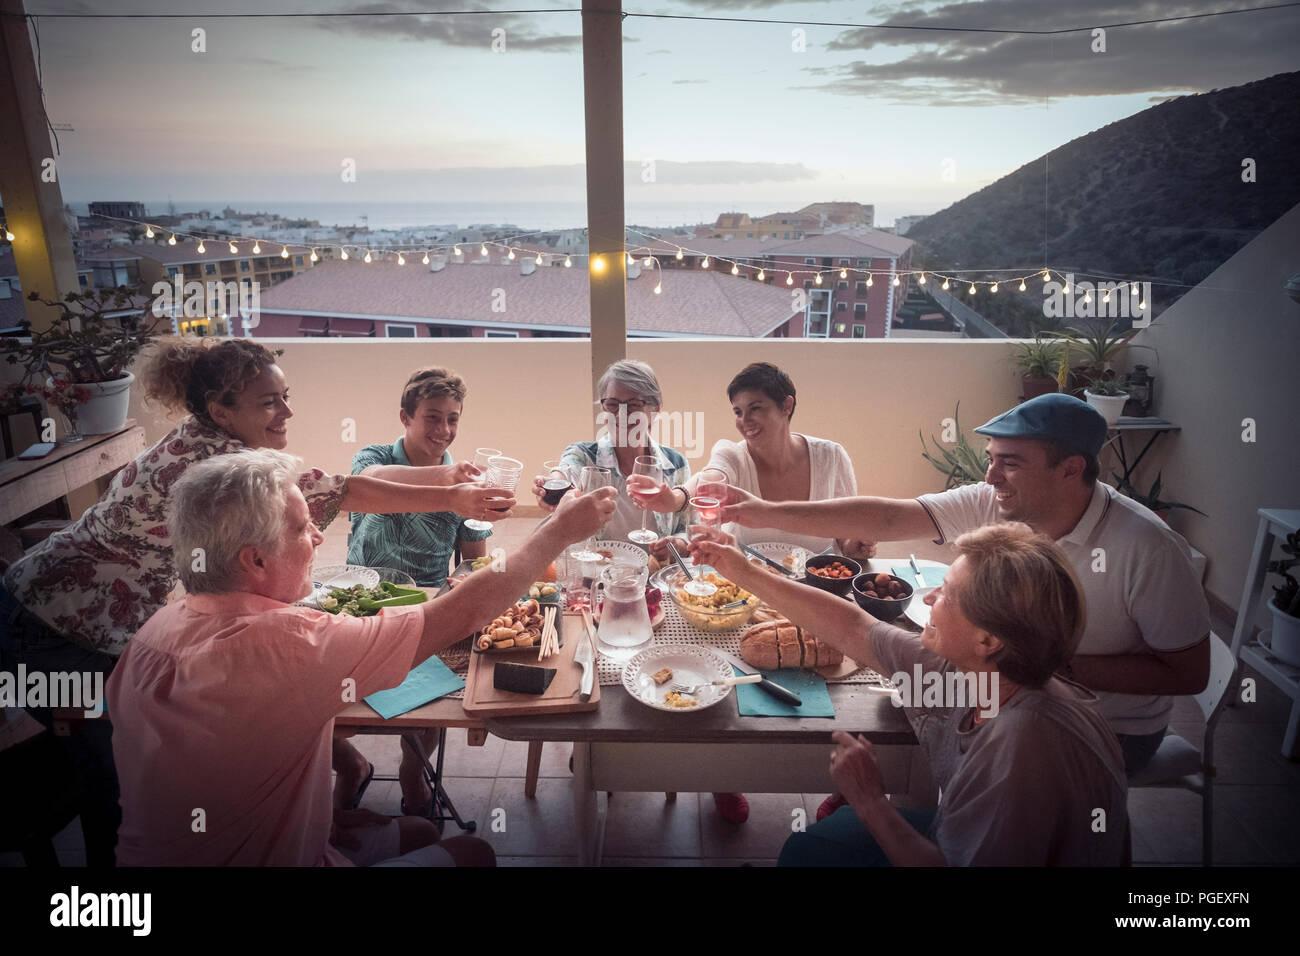 Grupo de personas de diferentes edades en la amistad comen juntos una cena con vino vítores y disfrutar del estilo de vida. La felicidad y alegría para amigos Foto de stock